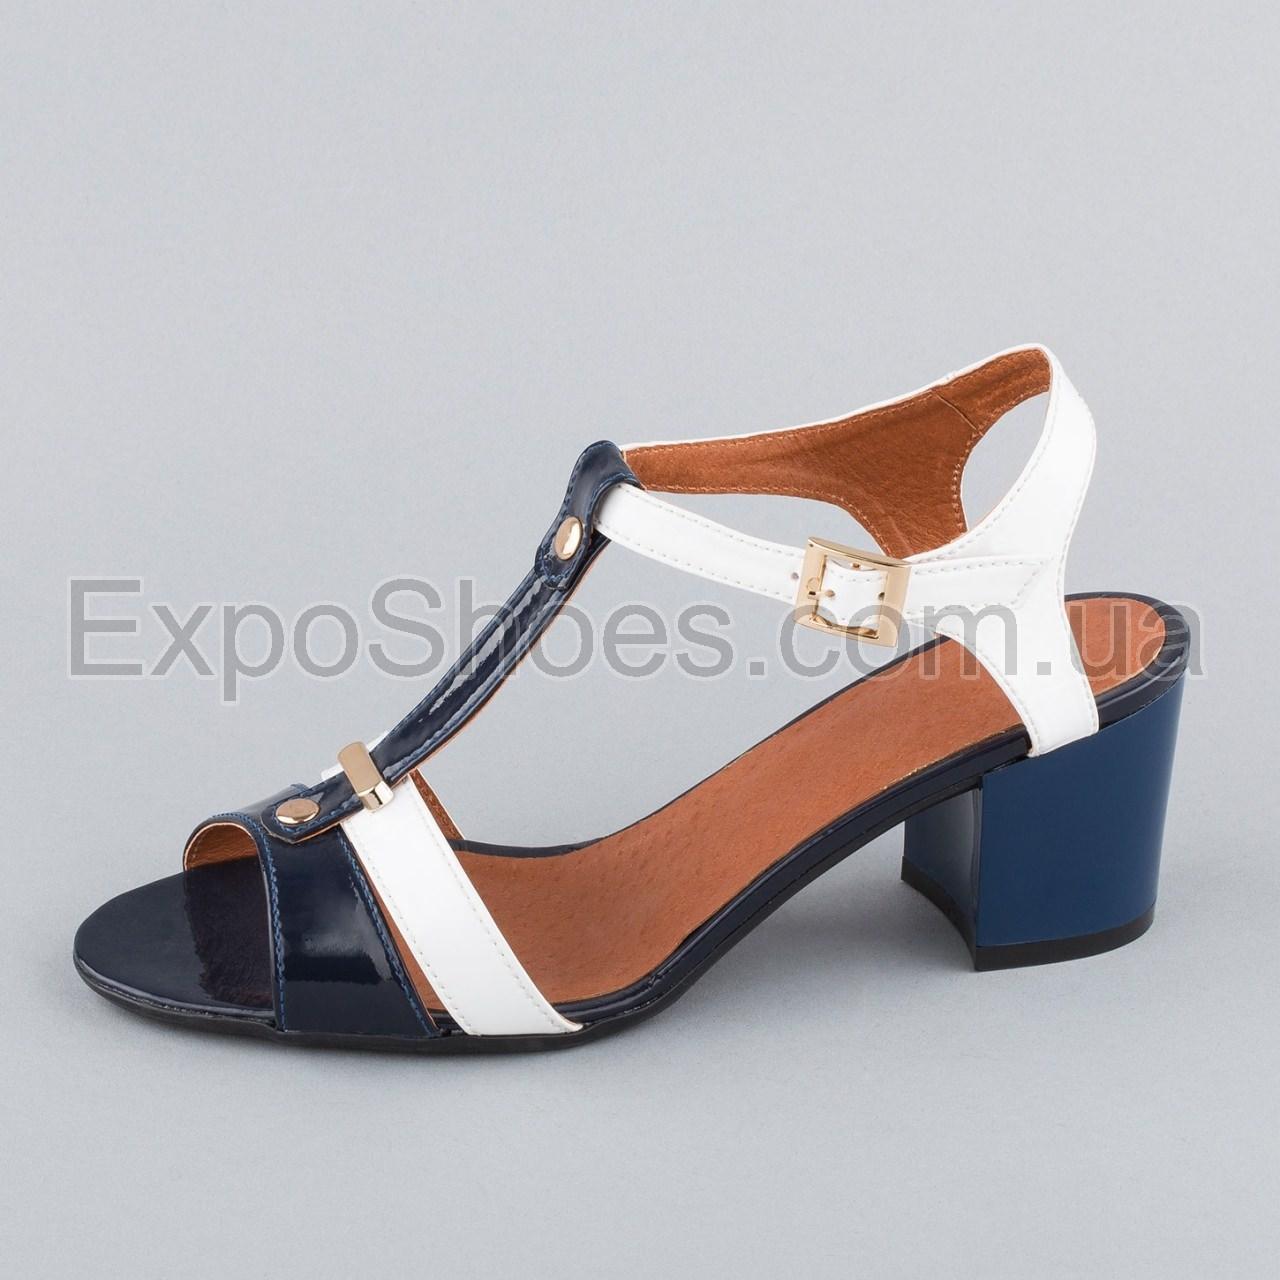 fa7e5281f Посмотреть каталог обуви OLIMP можно по этой ссылке. фото босоножек olimp  (олимп)